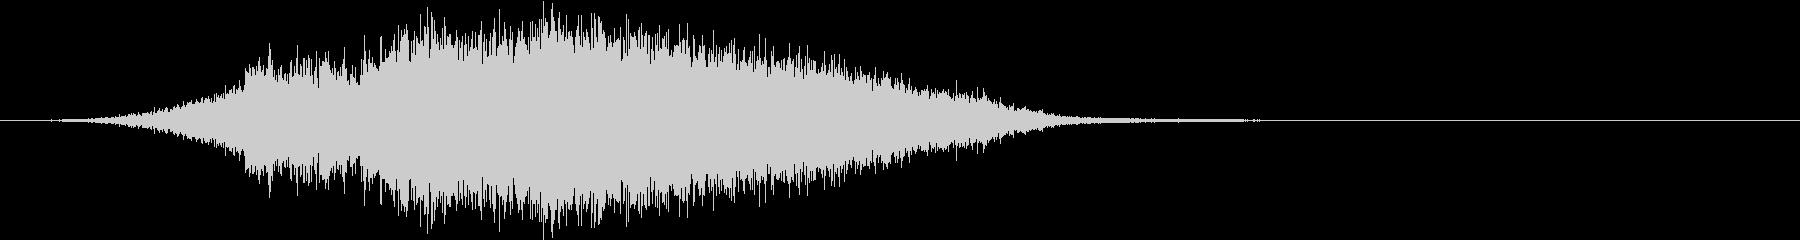 ヒュー・シュー(風を切る・光の集まる音)の未再生の波形